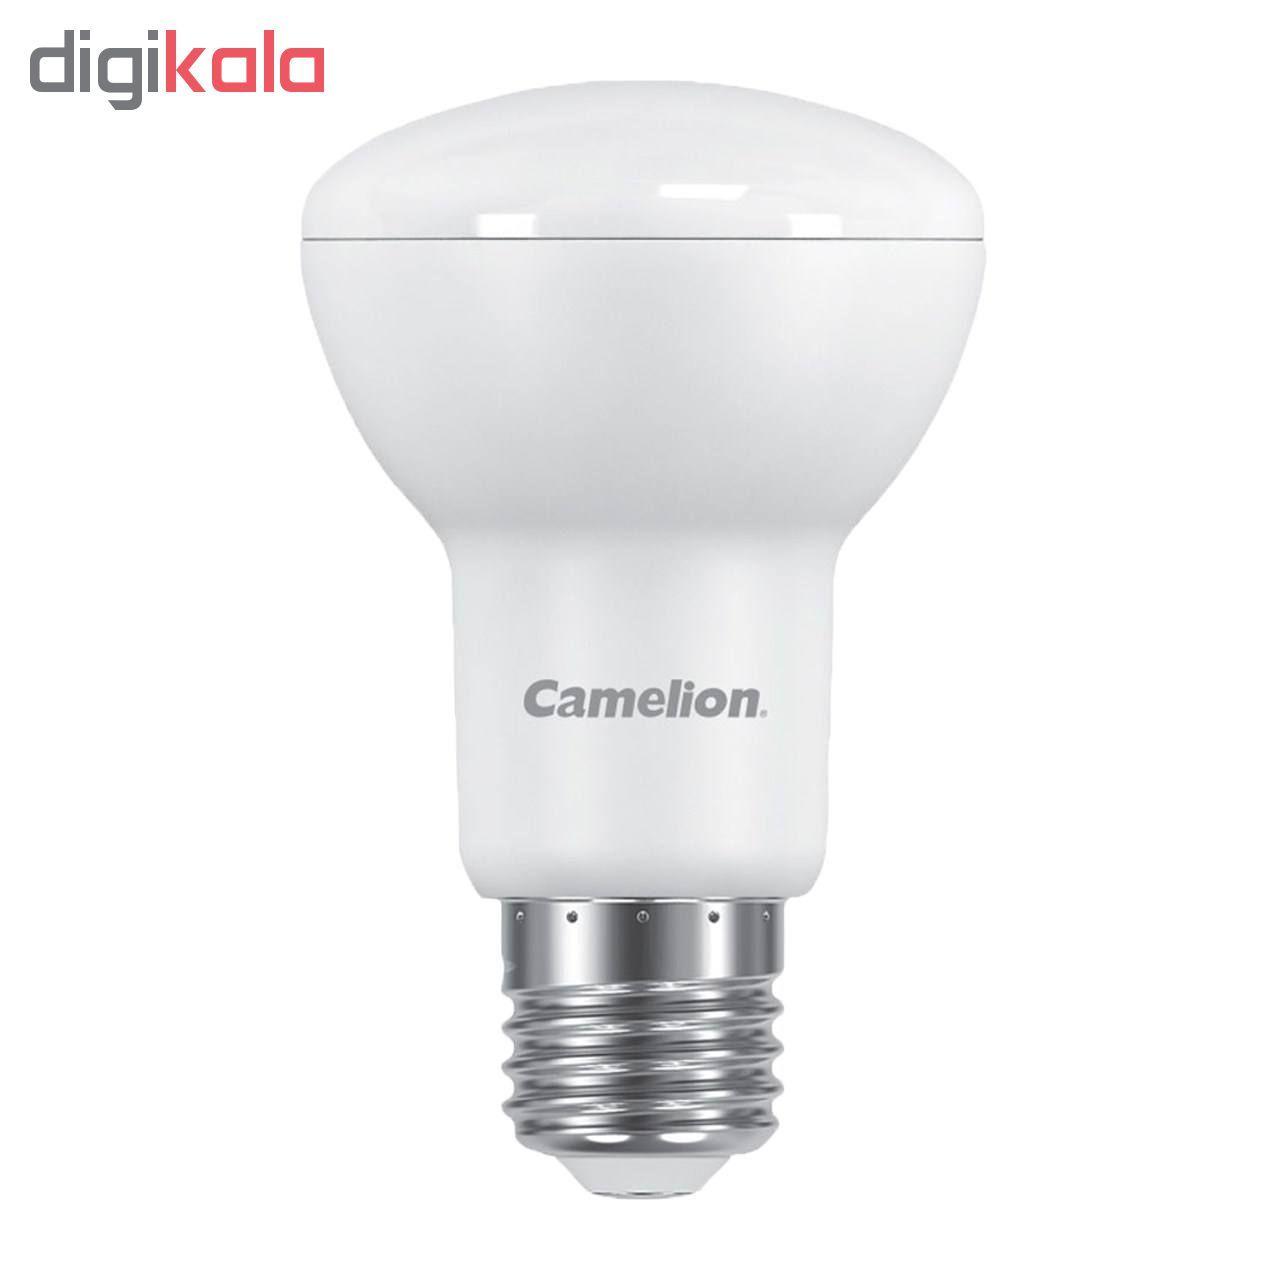 لامپ ال ای دی 8.5 وات کملیون مدل LED-R63/STQ1 پایه E27 main 1 1